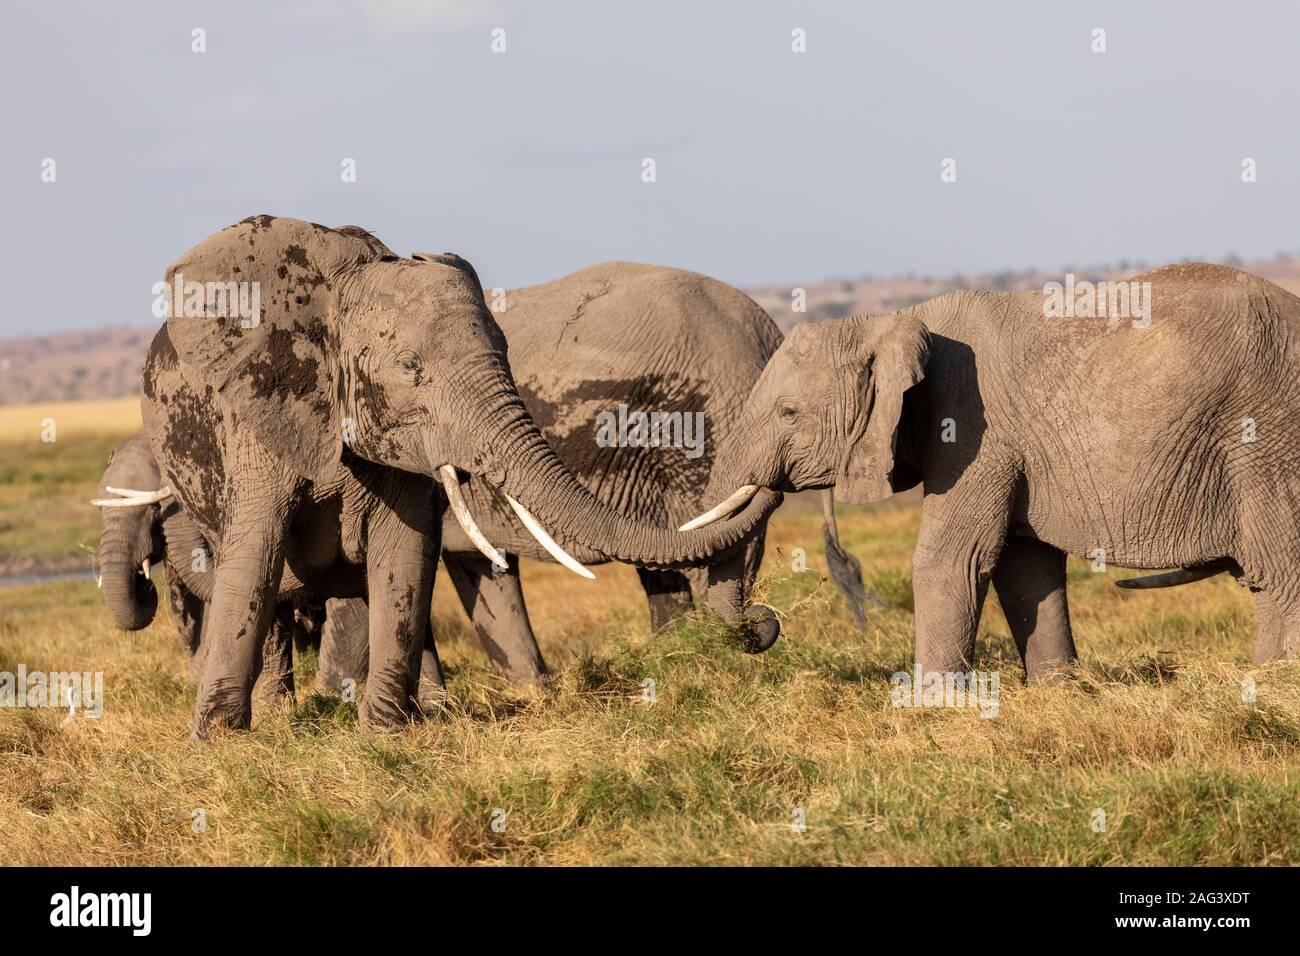 L'éléphant africain (Loxodonta africana) à l'aide de sa trompe pour saluer un autre éléphant dans la savane dans le Parc national Amboseli, Kenya Banque D'Images